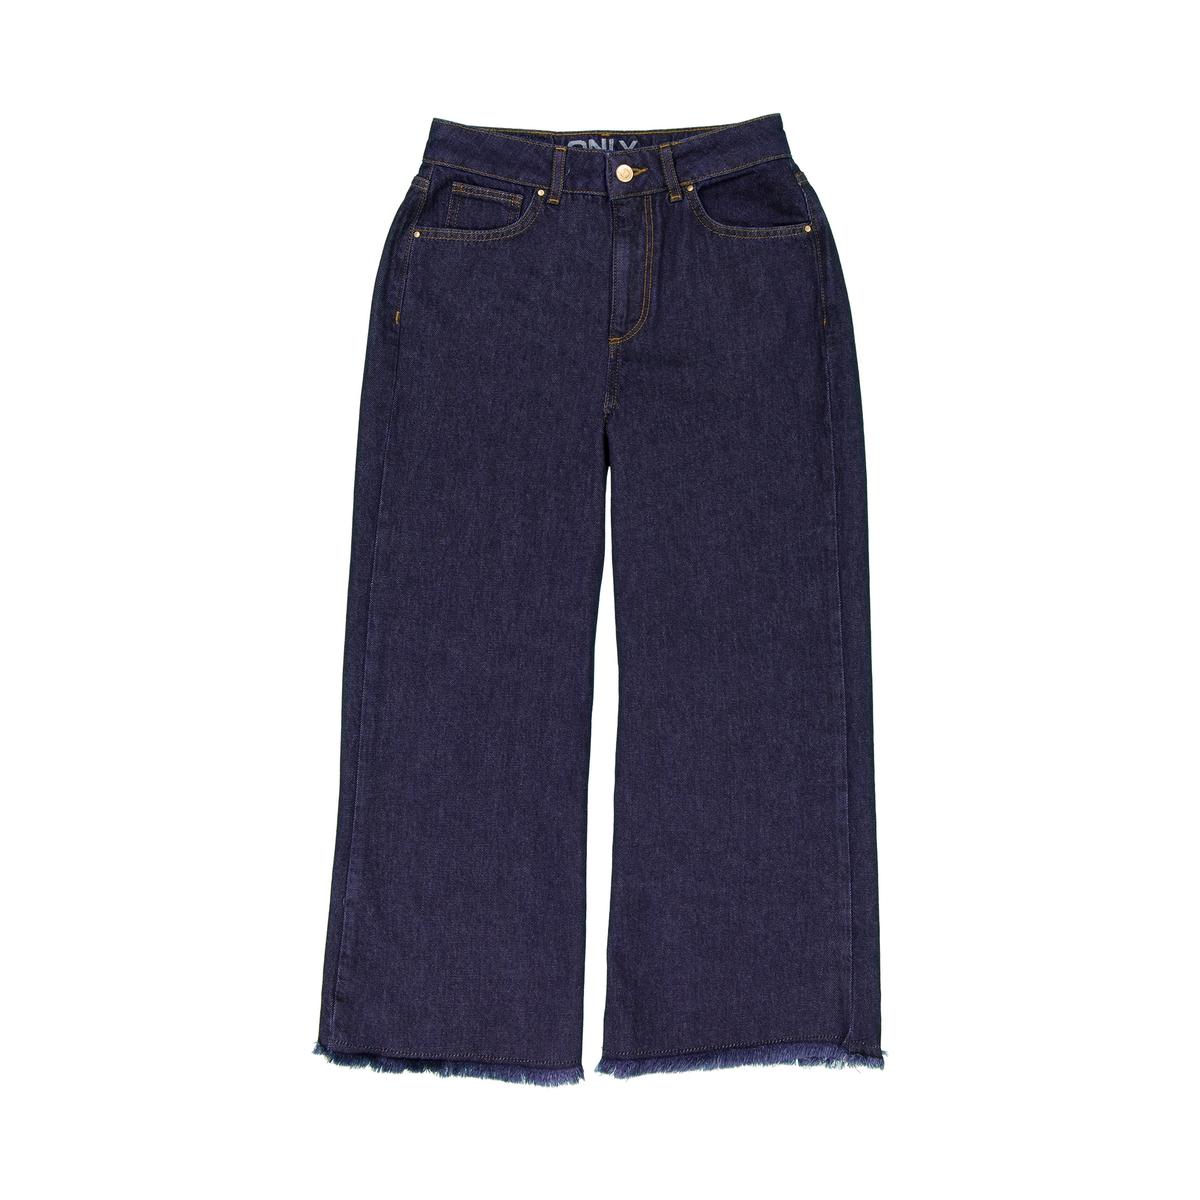 Jeans direitos, corte retangular